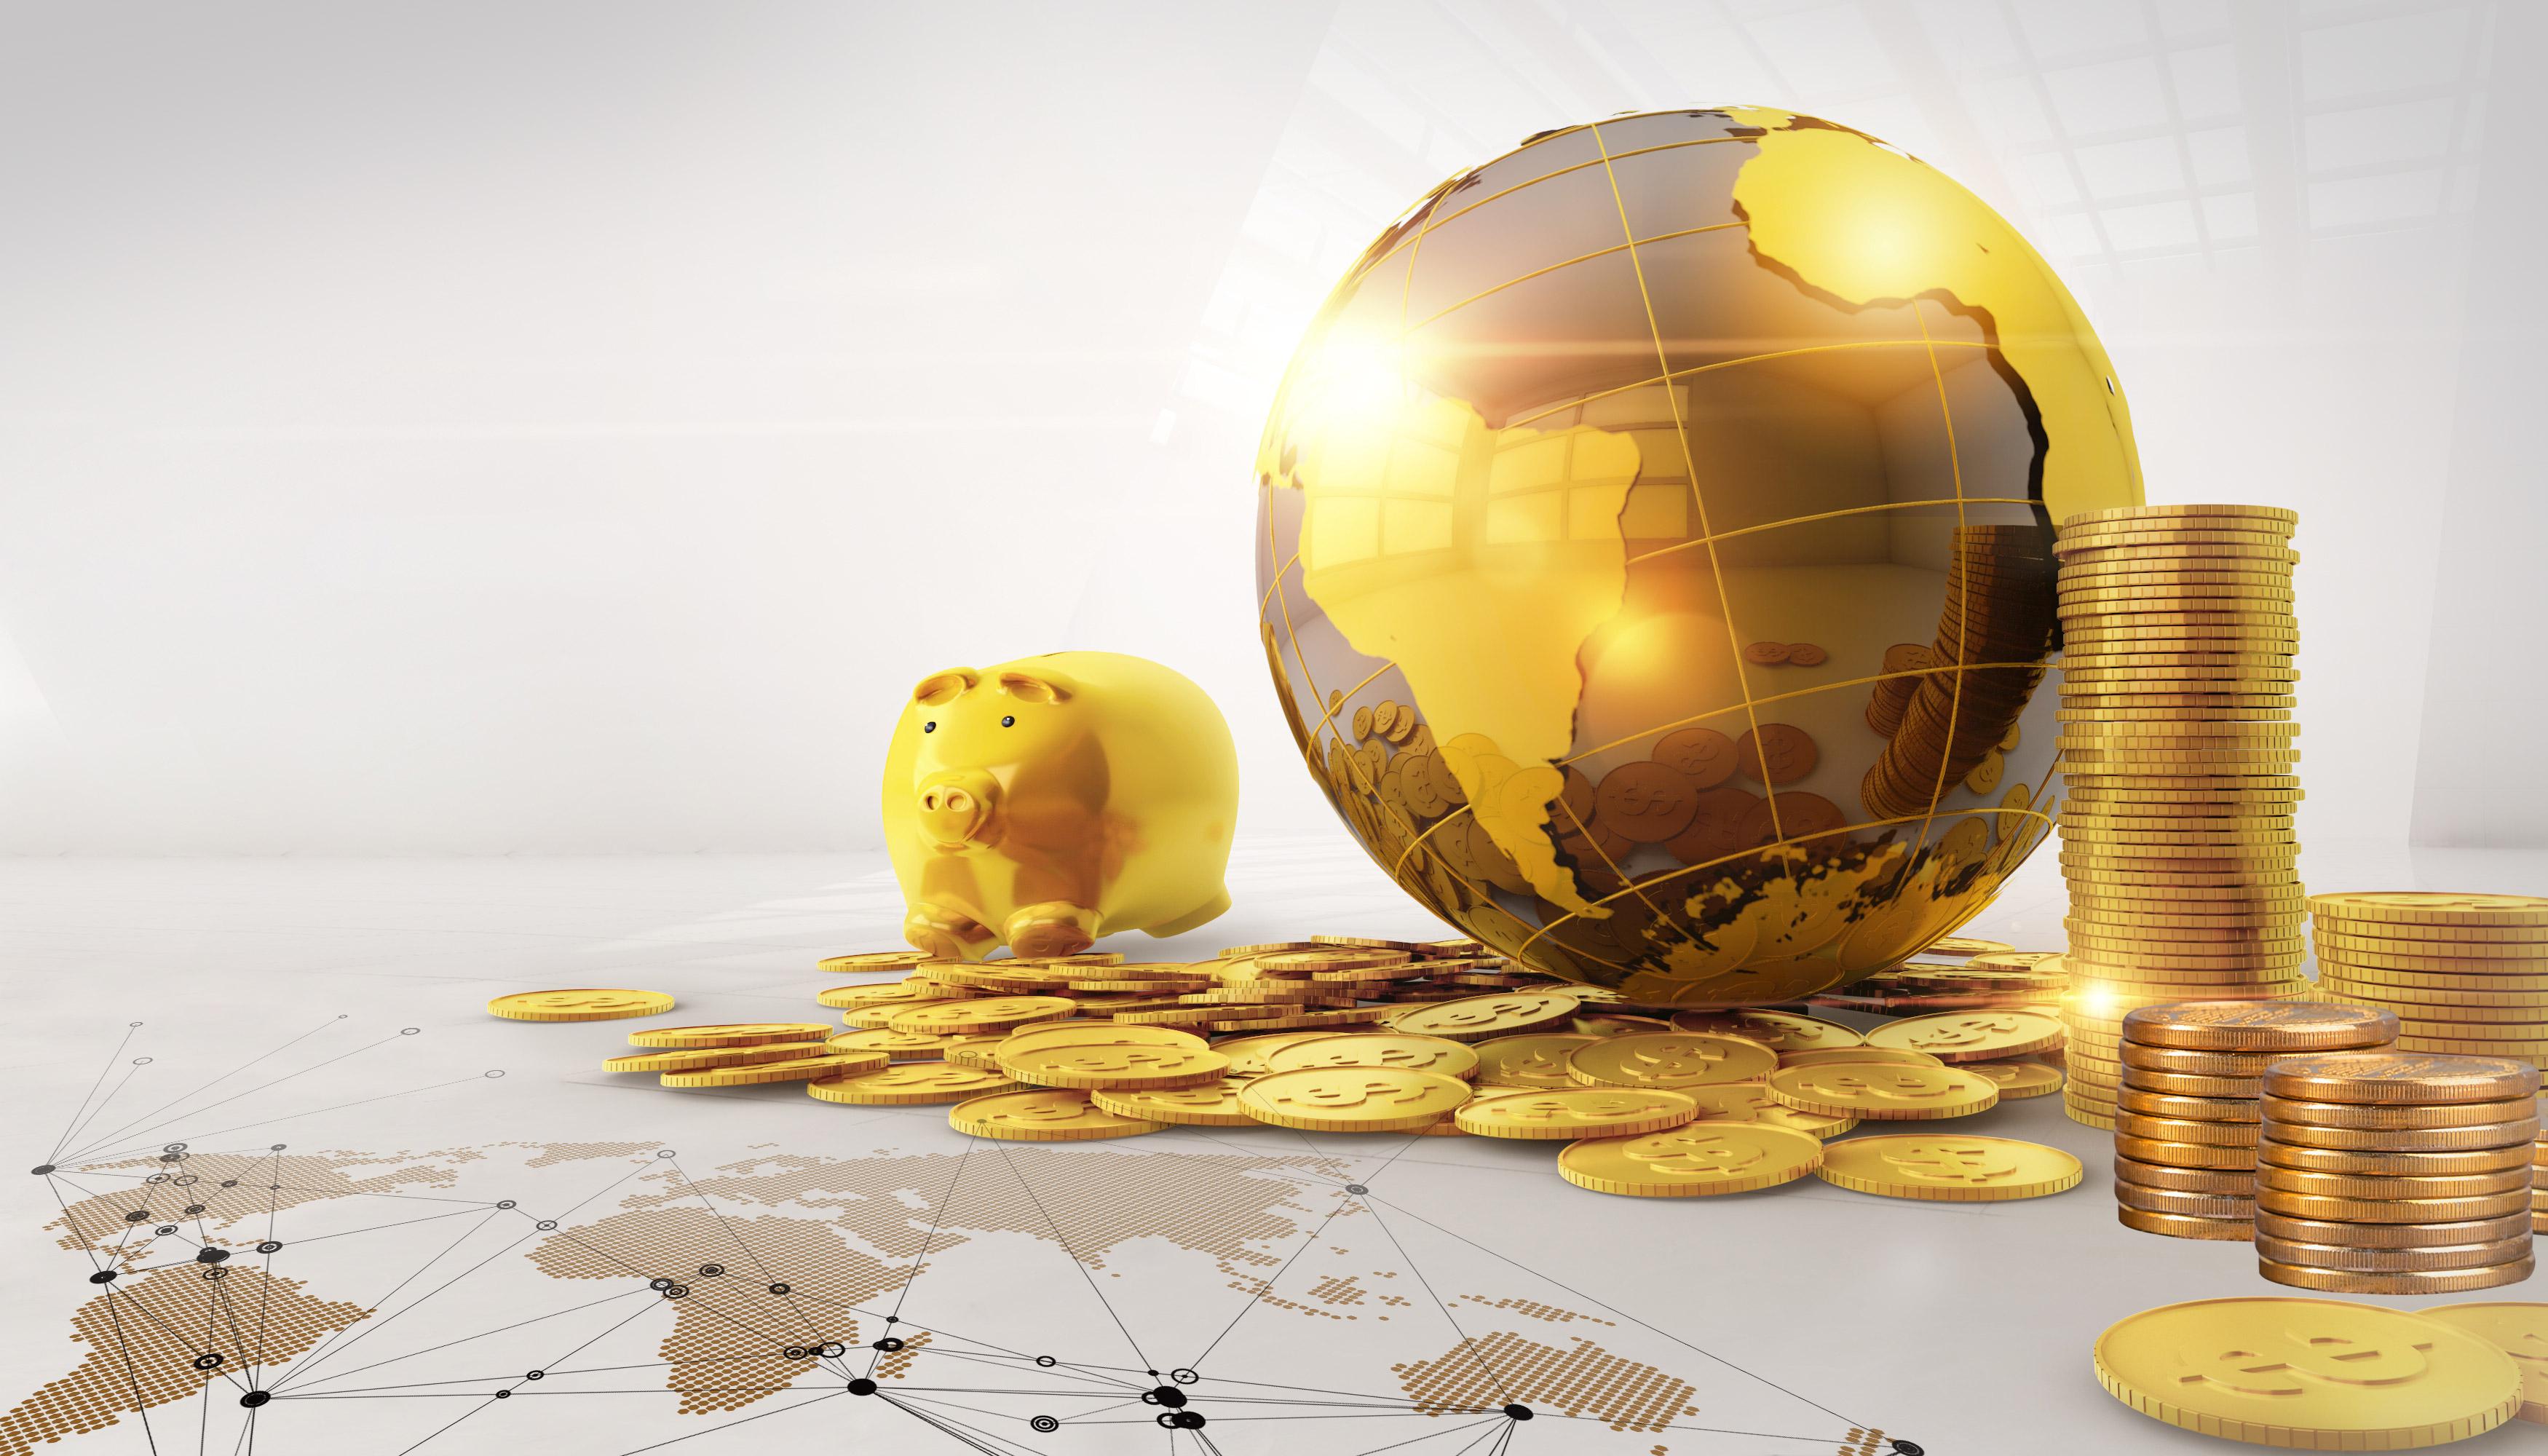 摄图网_500562123_全球化的金融(企业商用).jpg